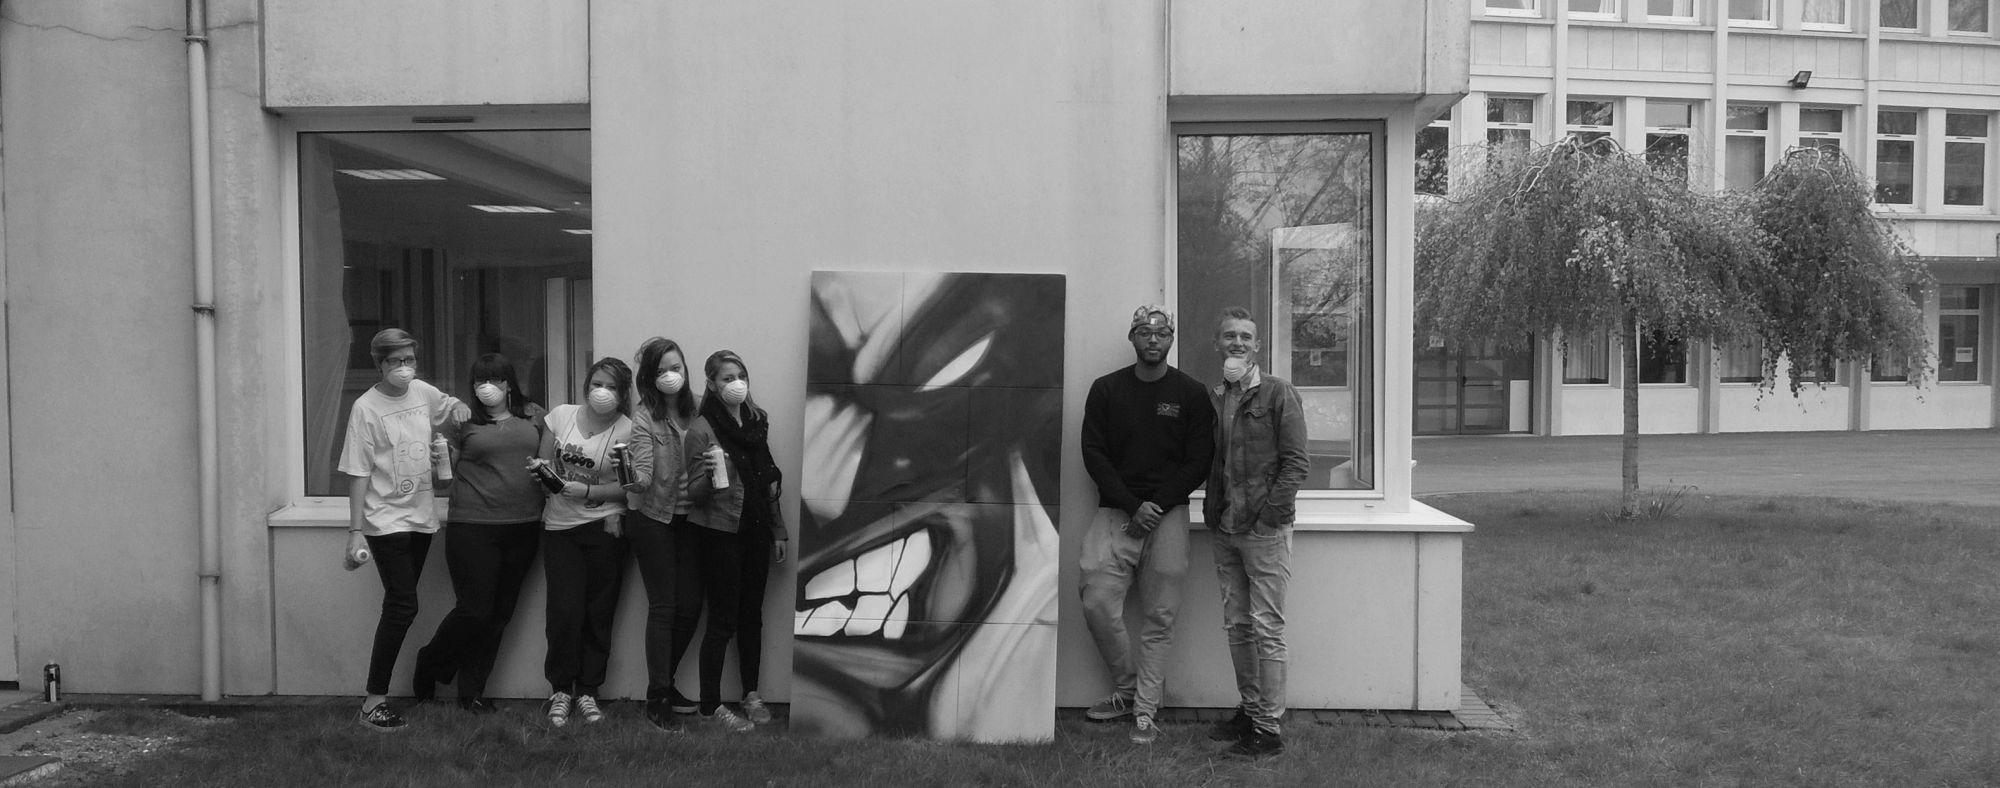 Cultures Urbanes, graffiti, encadrement et décos